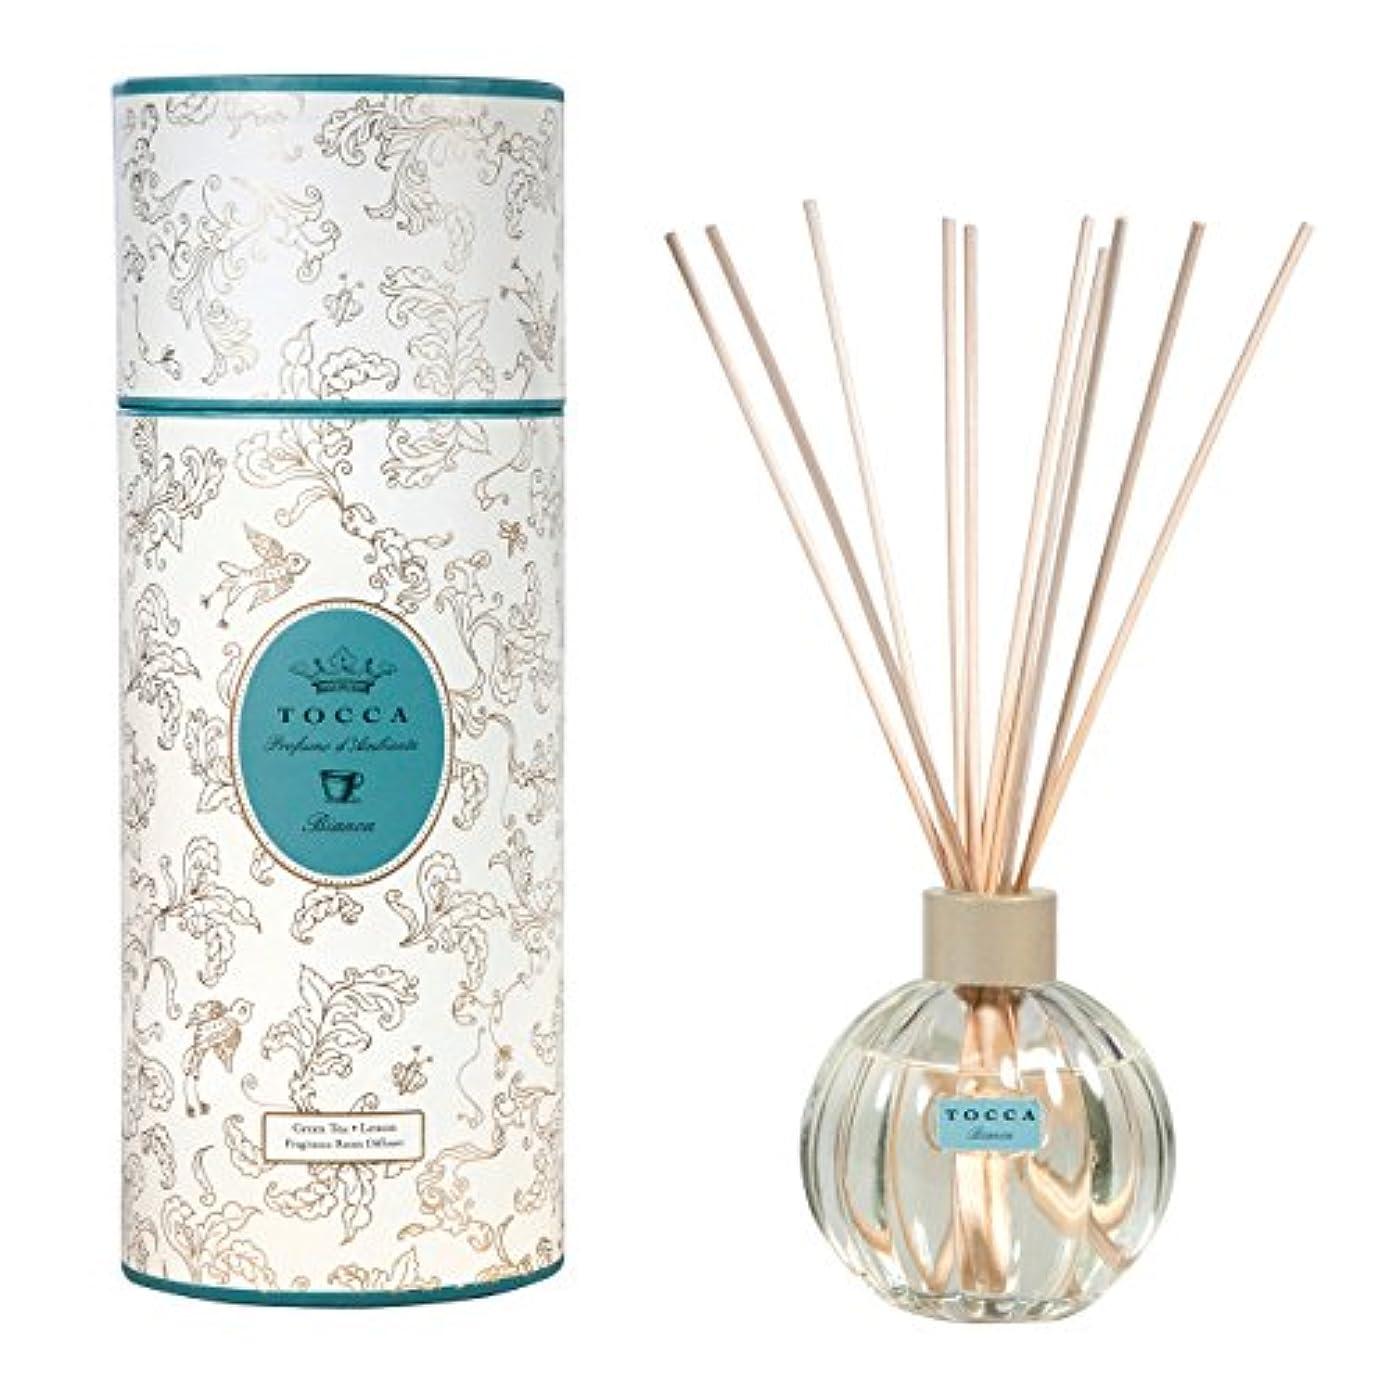 ビルダー外科医市の花トッカ(TOCCA) リードディフューザー ビアンカの香り 175ml 3~4ヶ月持続(芳香剤 ルームフレグランス シトラスとグリーンティー、ローズが絶妙に溶け合ったほのかに甘さ漂うフレッシュな香り)